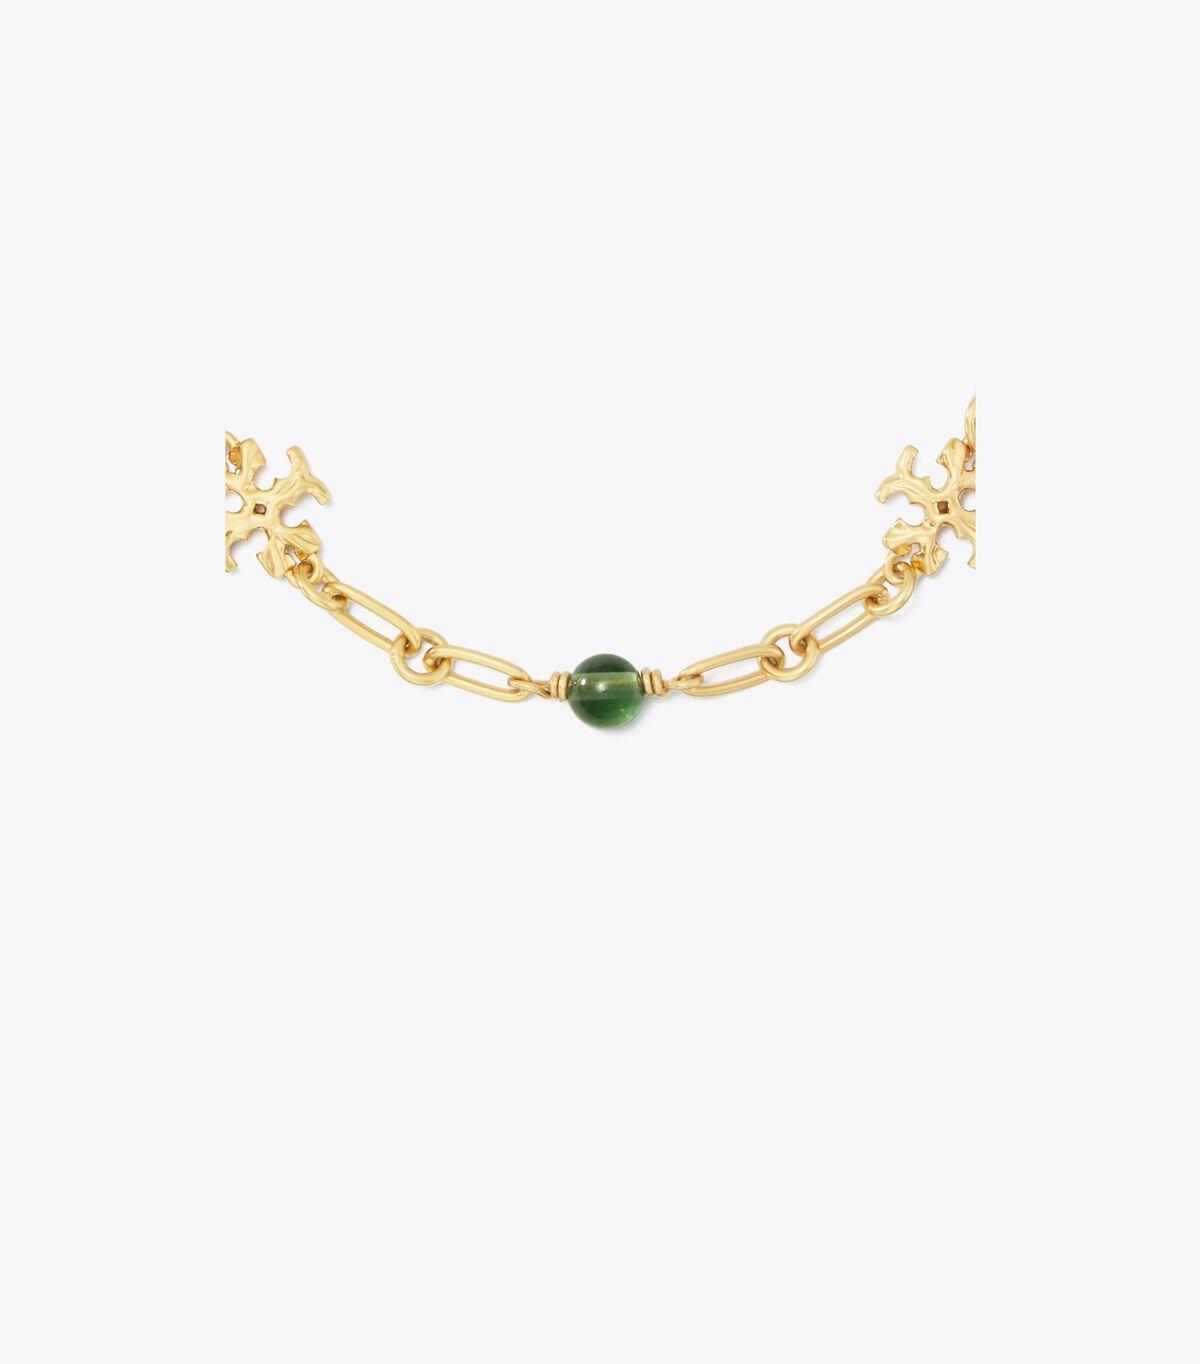 Roxanne Chain Delicate Bracelet